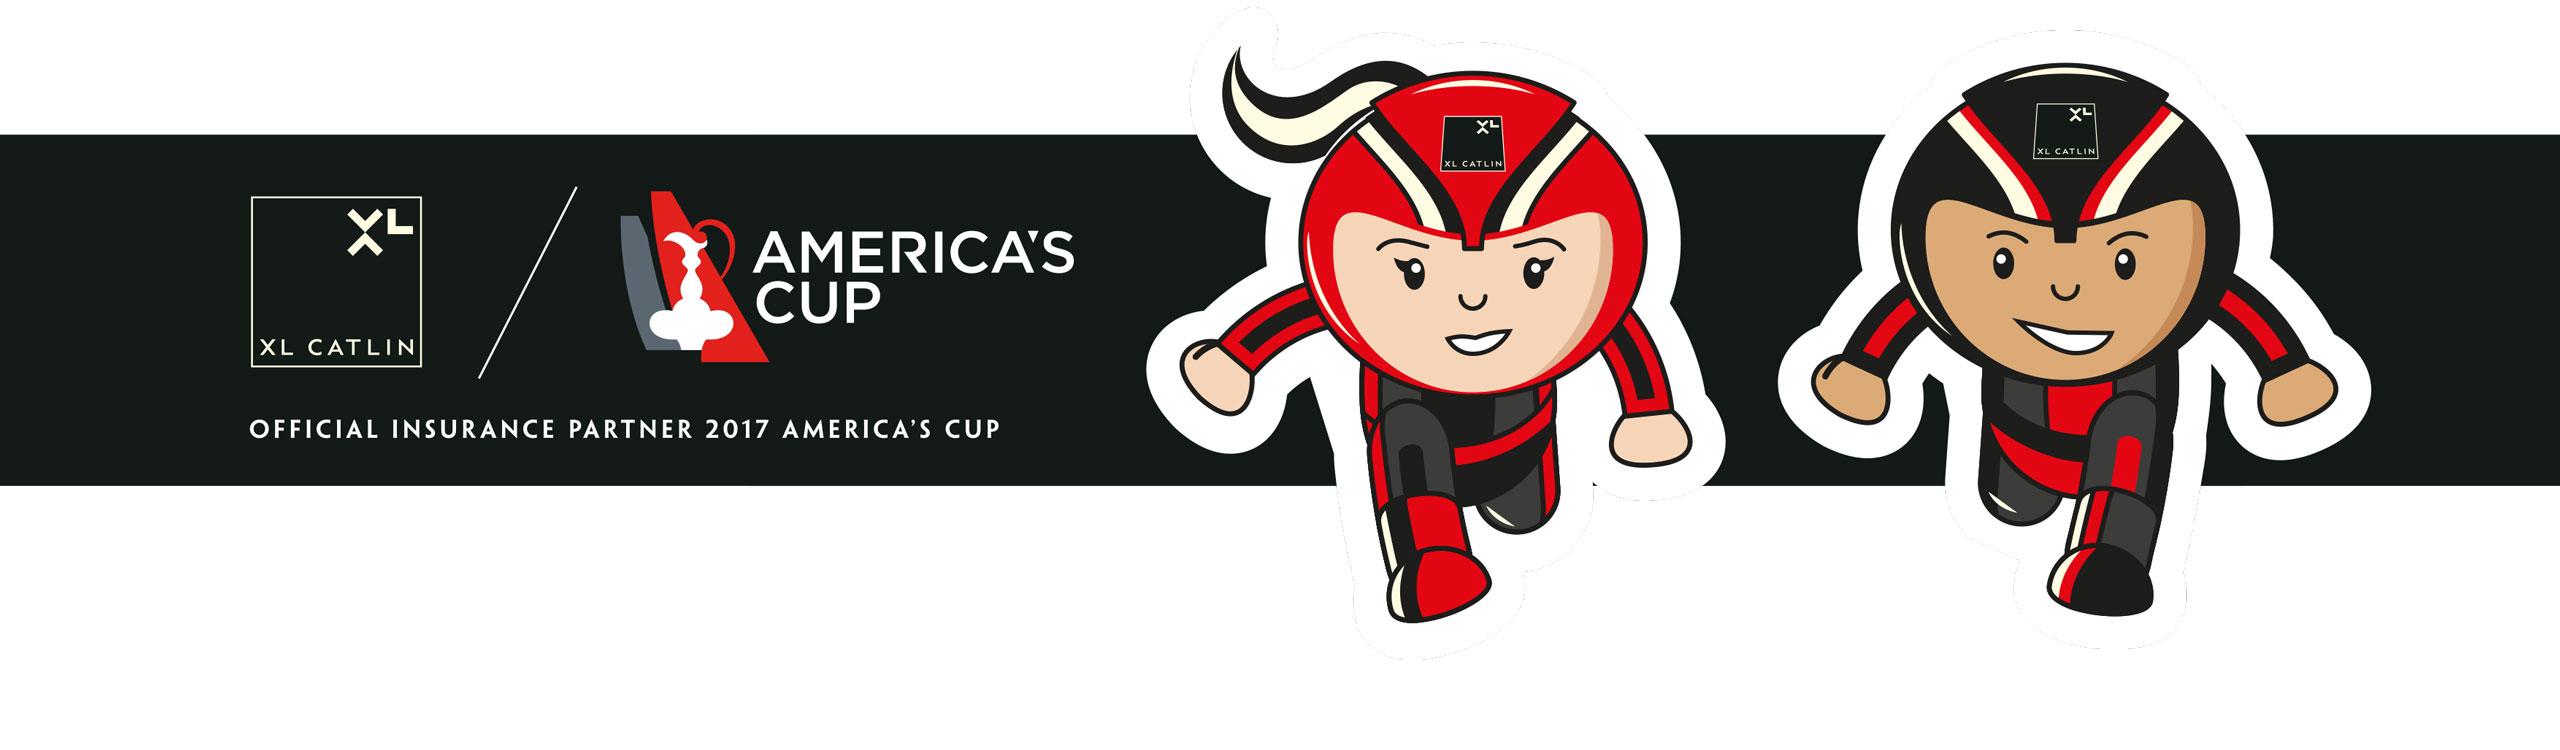 Glendale Creative Americas Cup Sticker Design